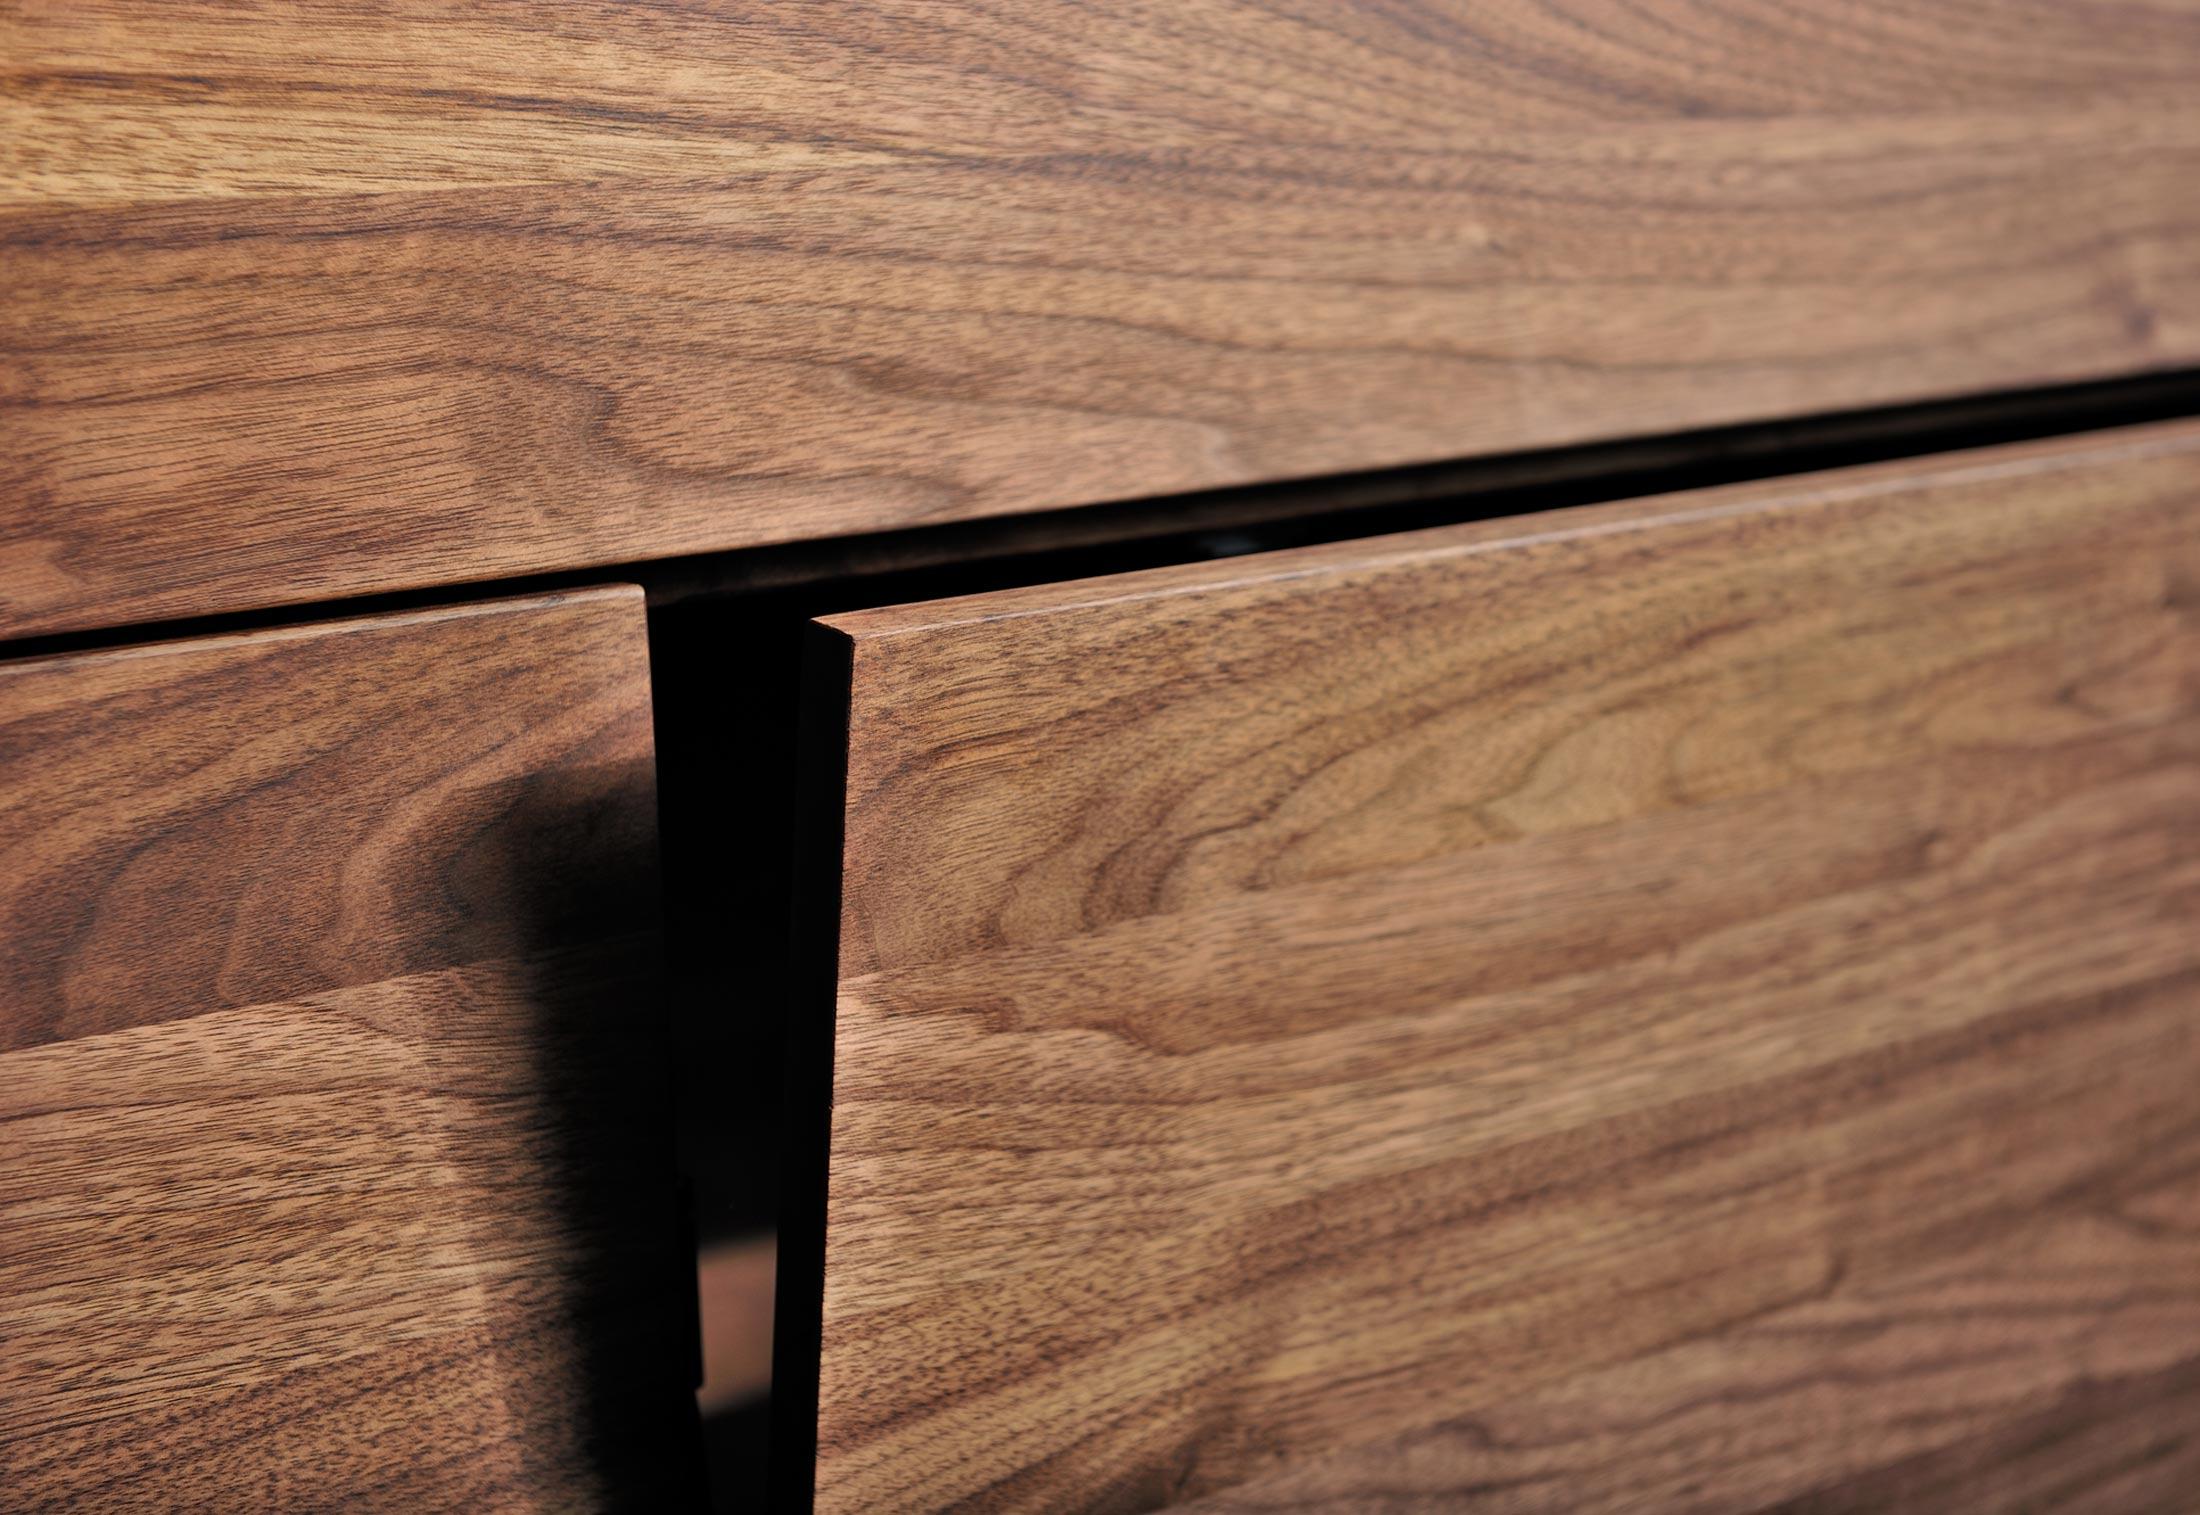 Linea sideboard mit untergestell von vitamin design for Sideboard untergestell